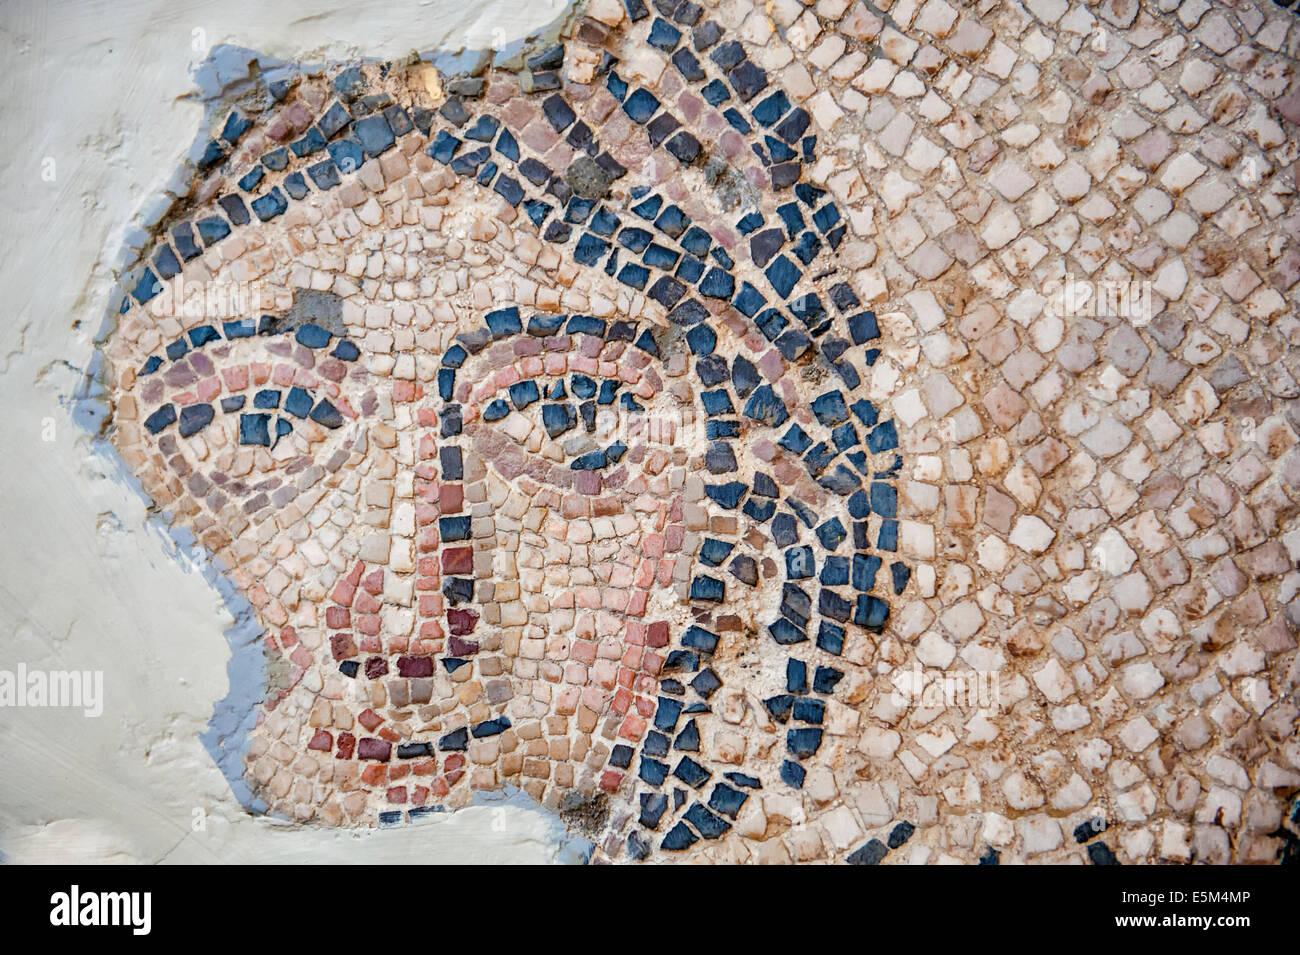 Ananeosis (risveglio) mosaico, quinto sec. A.C., Hatay Museo di Archeologia, Antiochia, provincia di Hatay, sud-ovest della Turchia Foto Stock